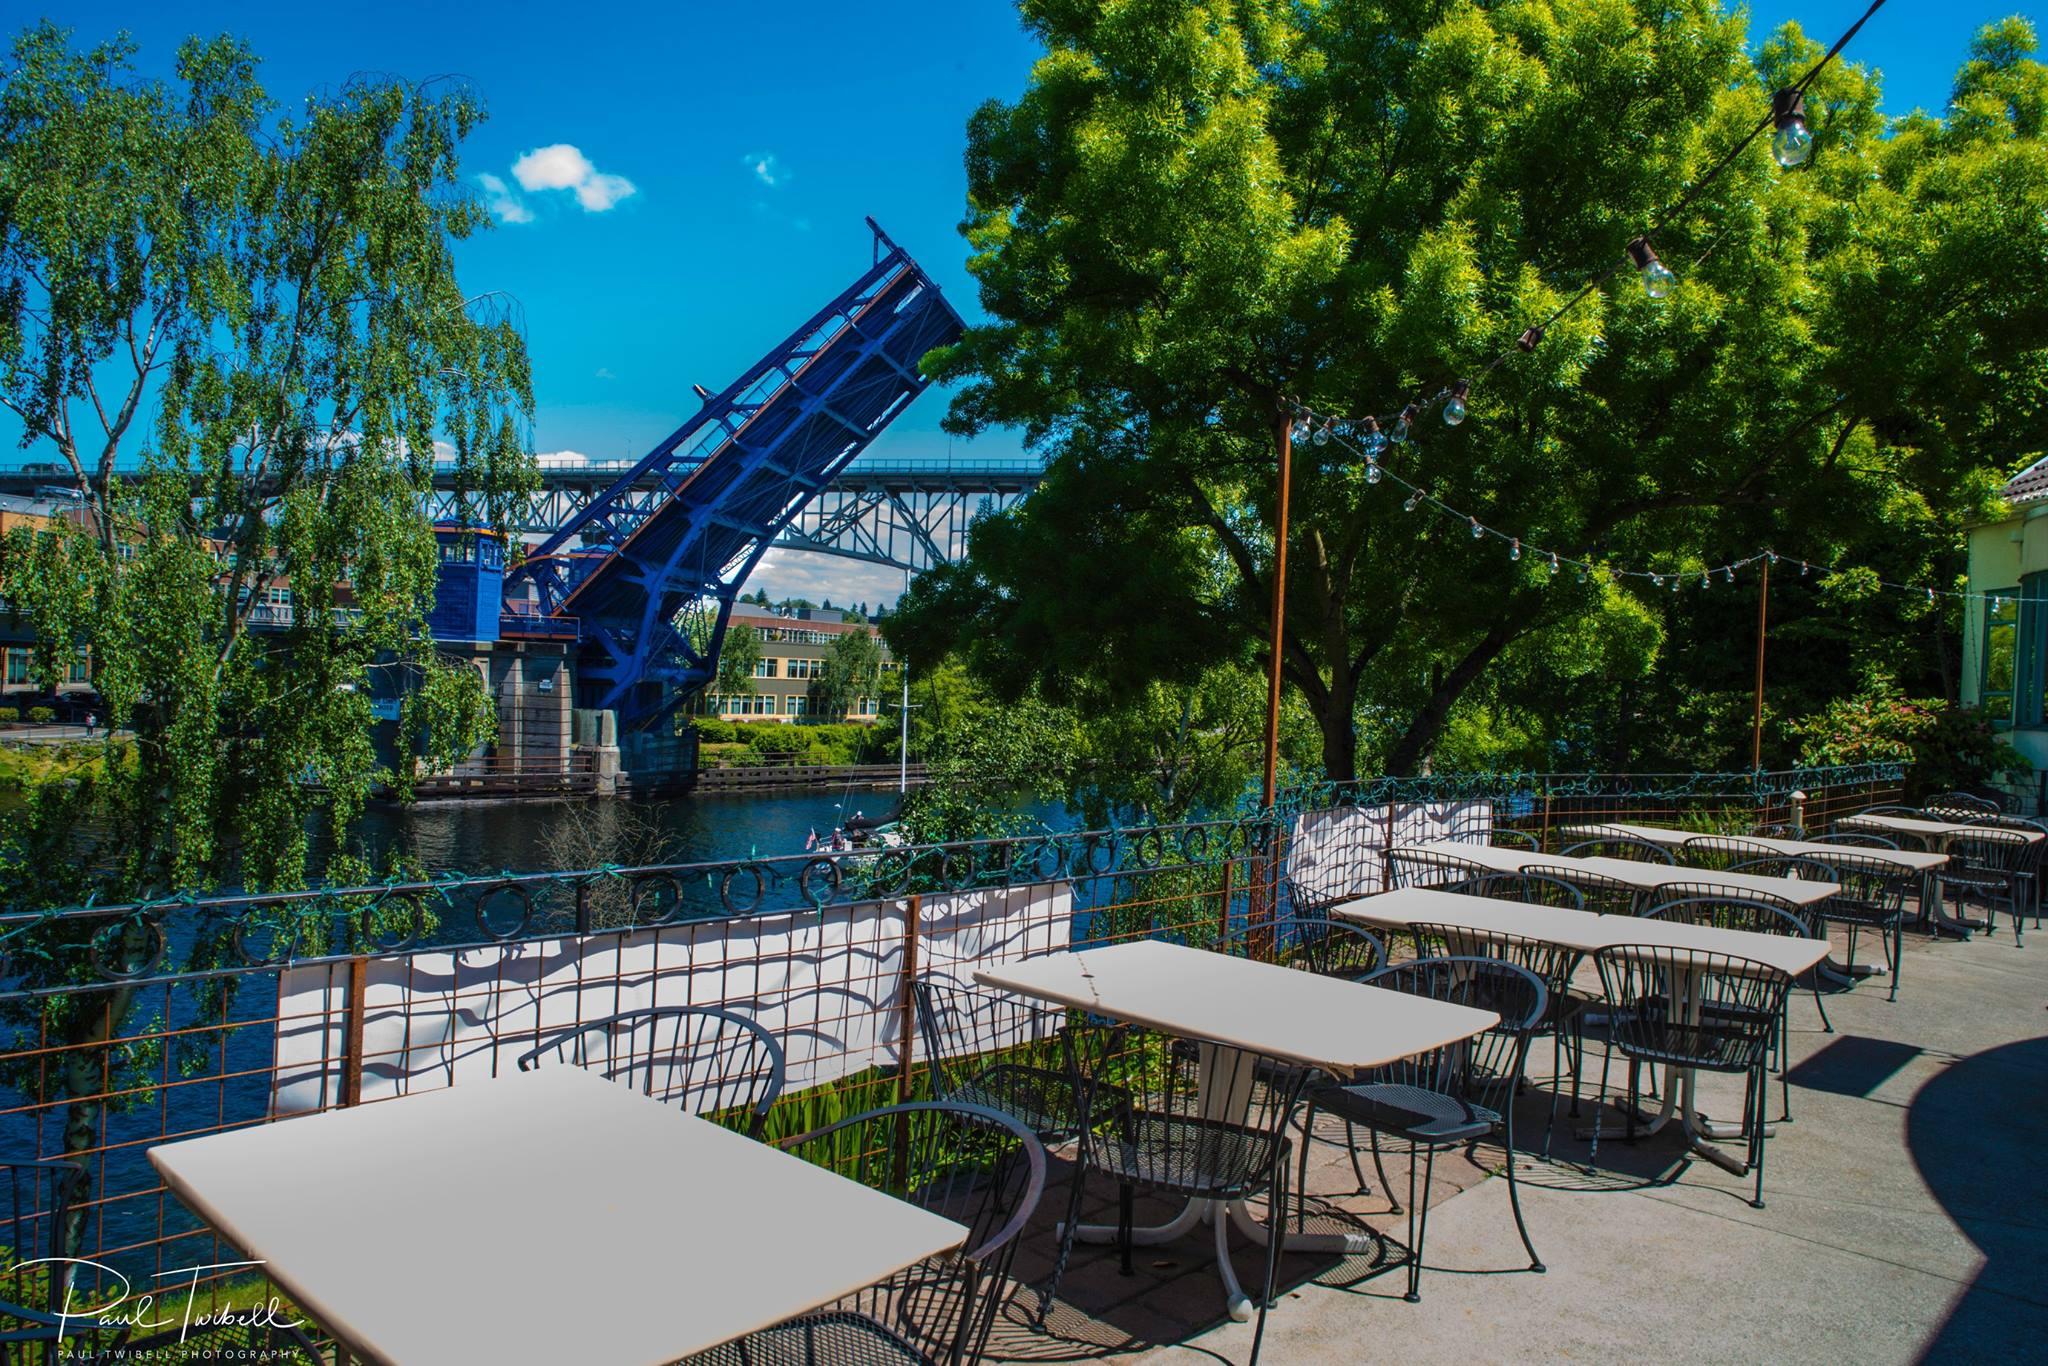 The view of Fremont Bridge